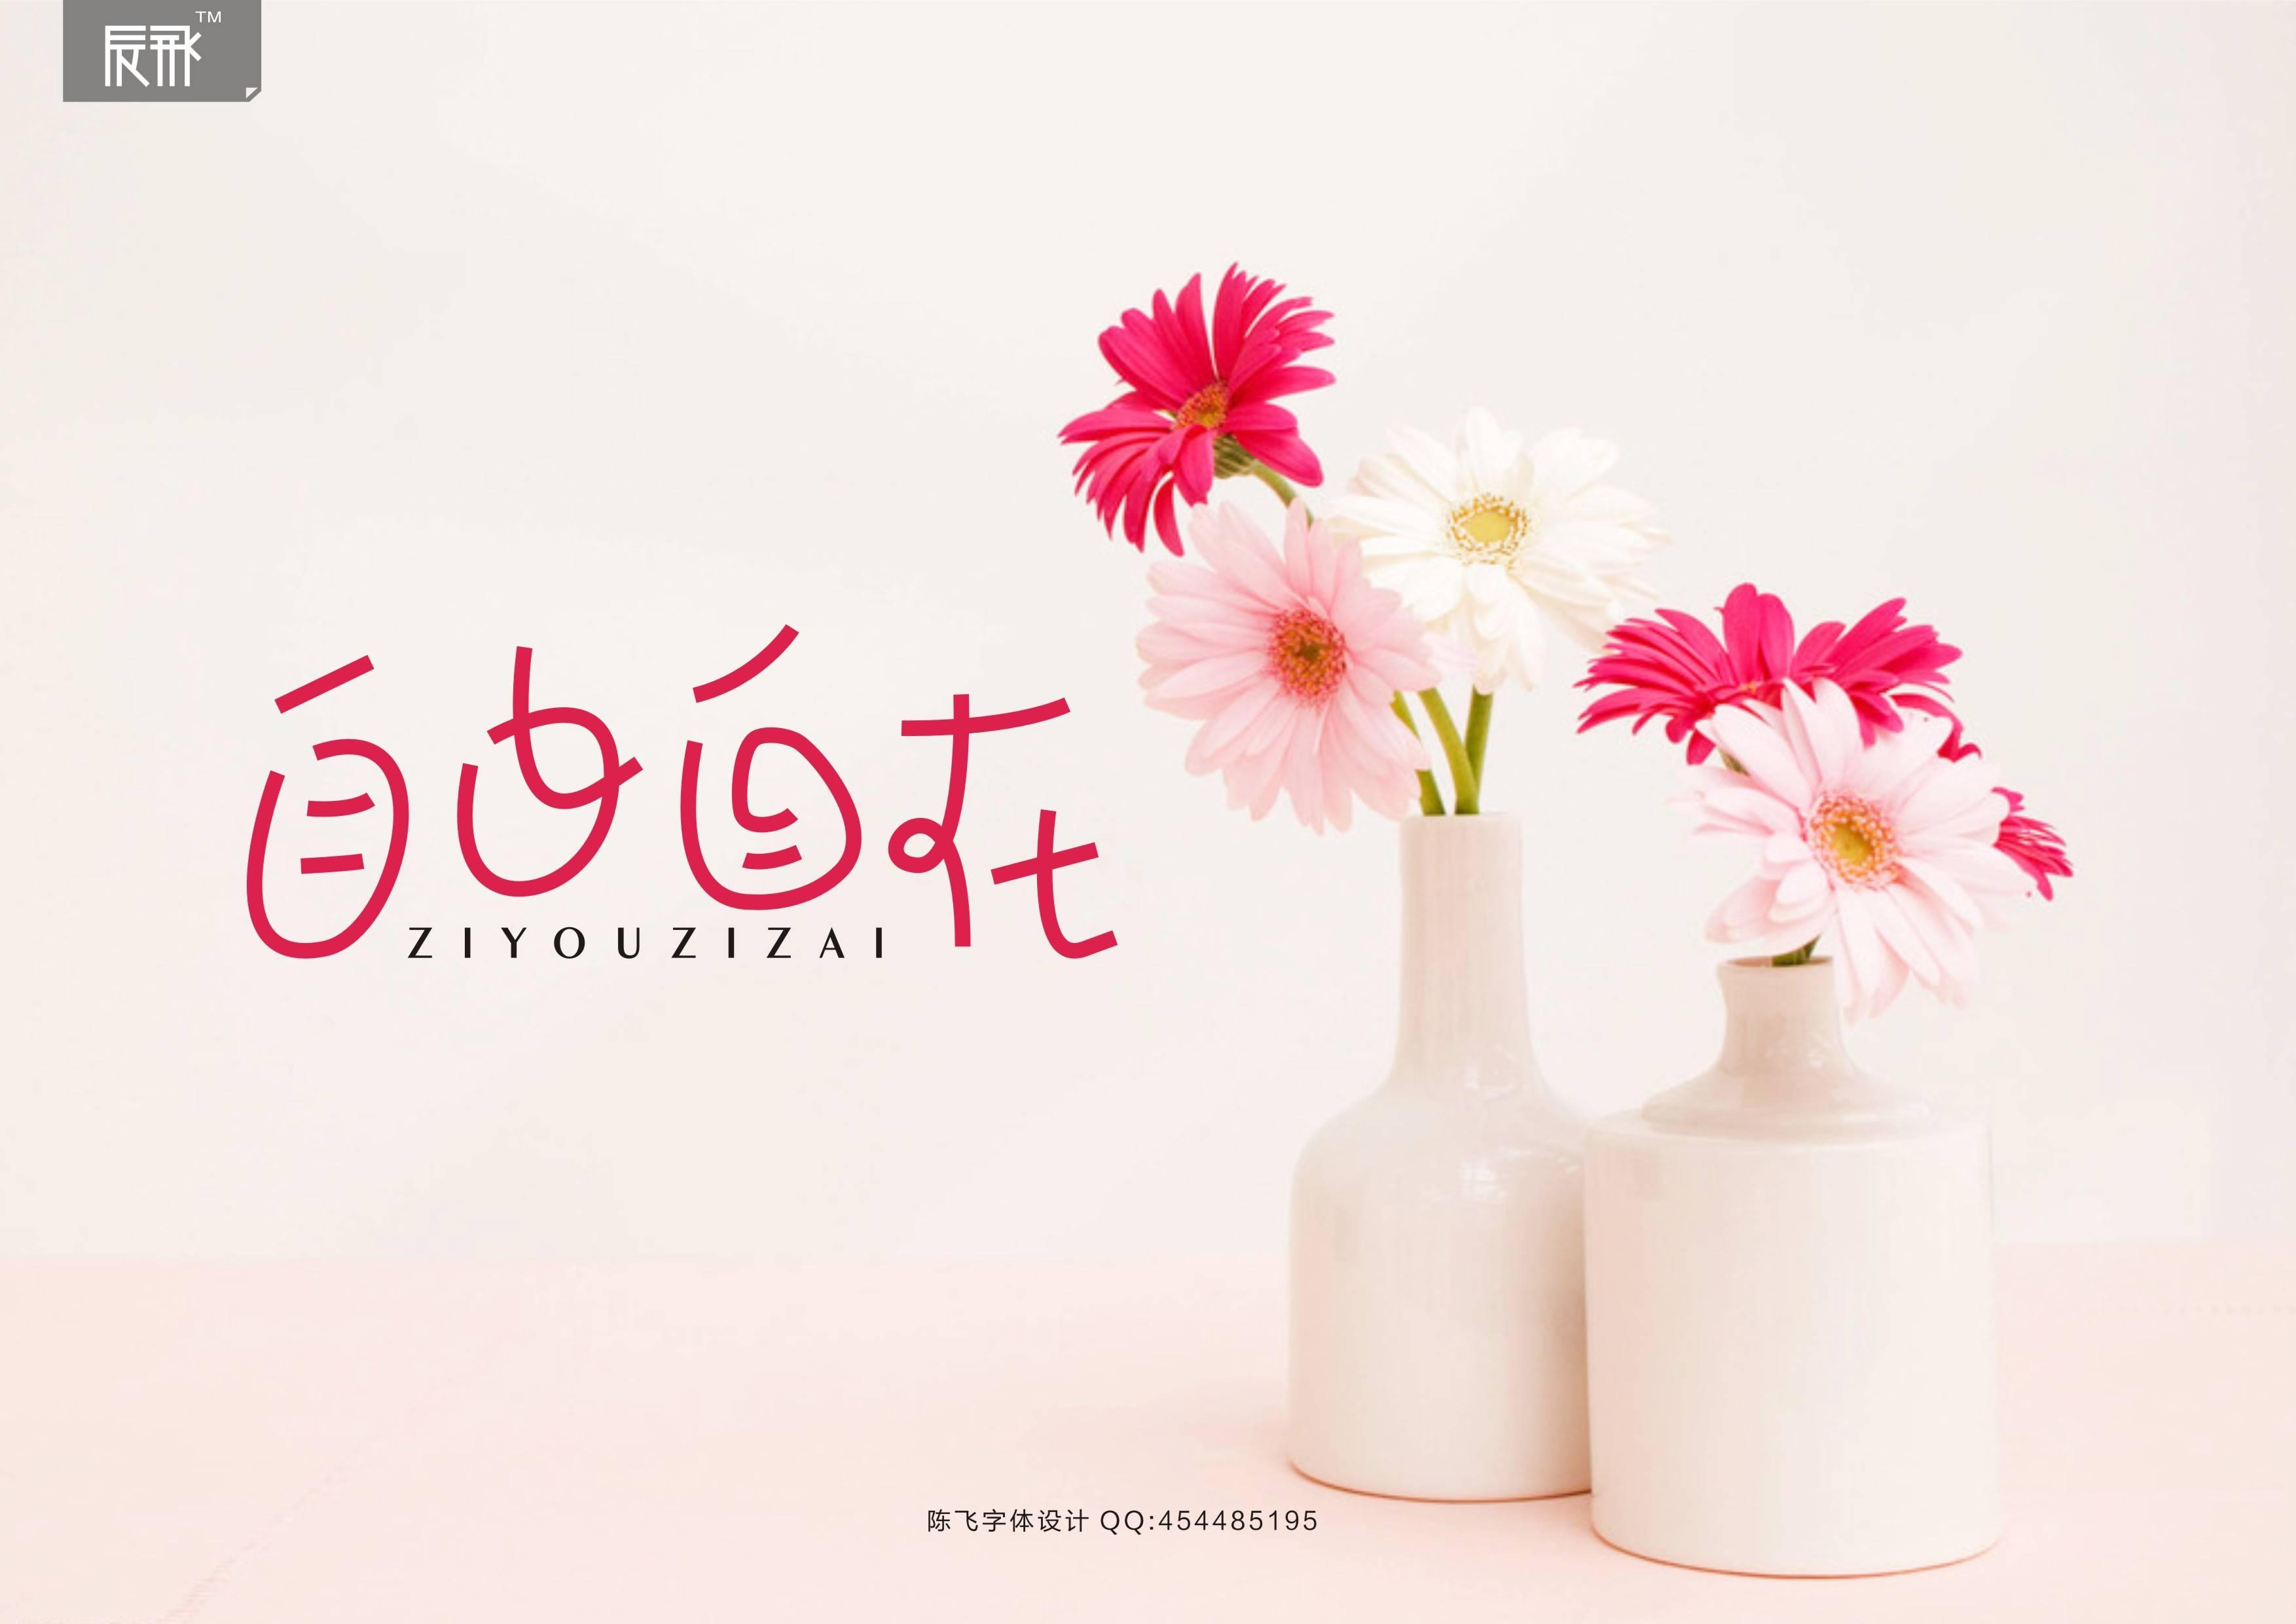 陈飞字体设计-古田路9号